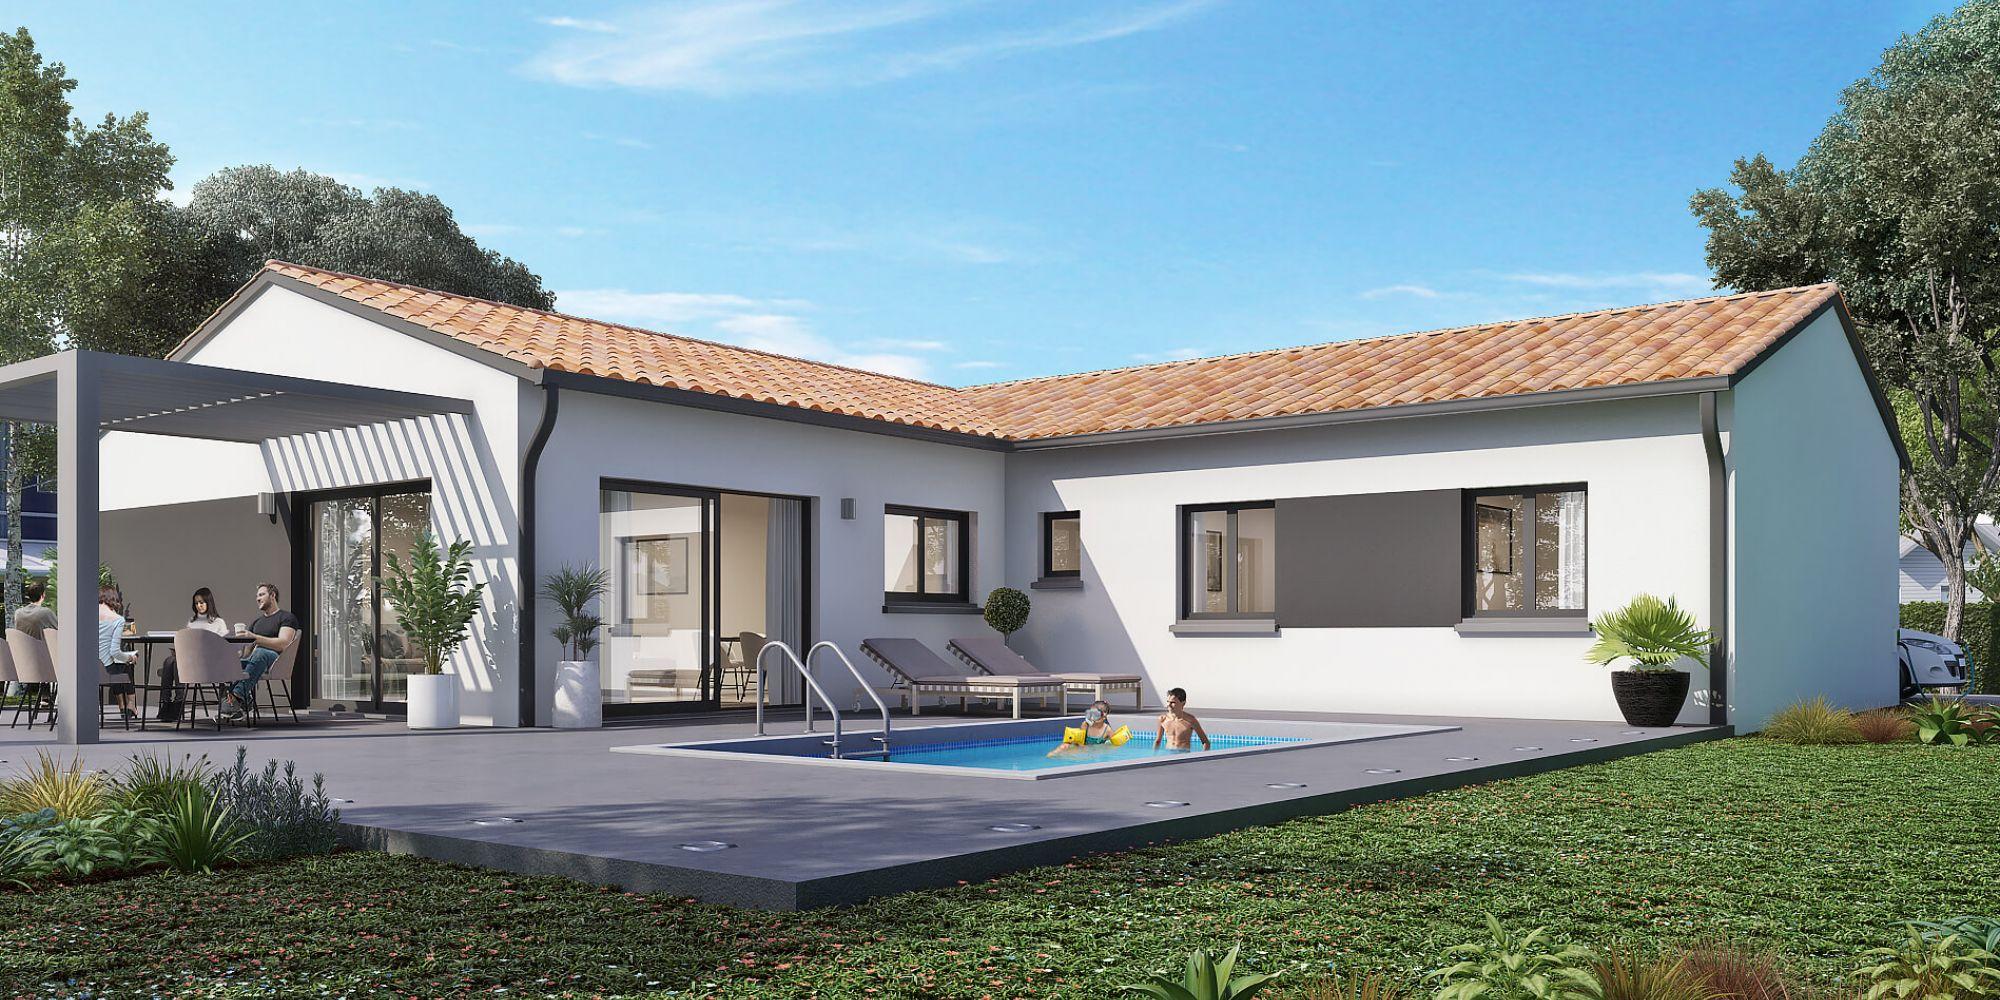 Constructeur Maison Toulouse Prix maisons olmière | constructeur de maisons individuelles en